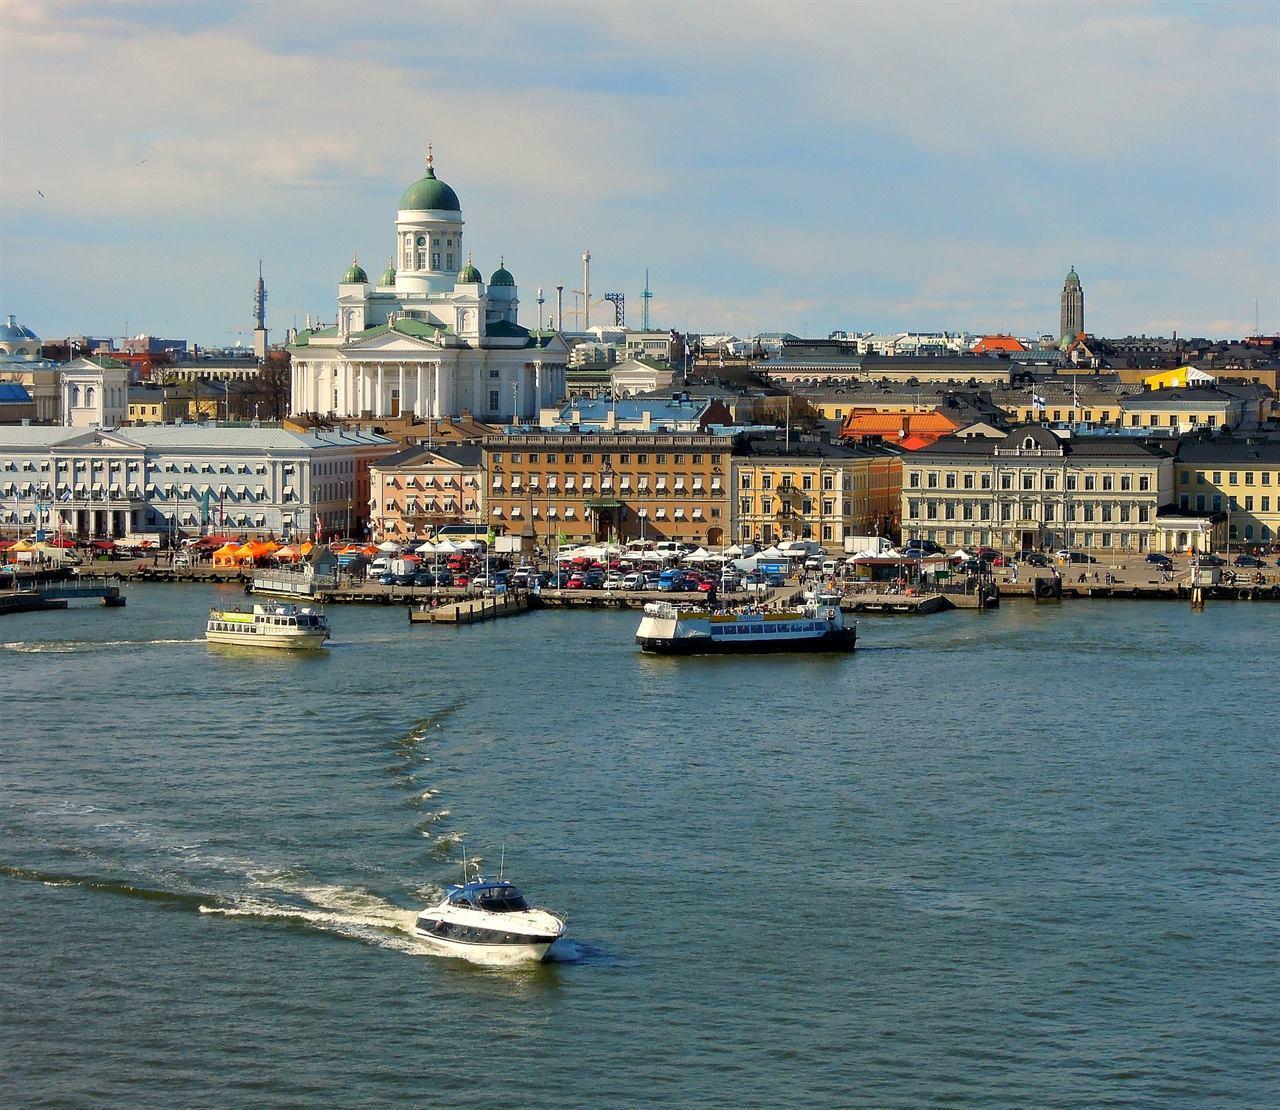 Финский залив Хельсинки